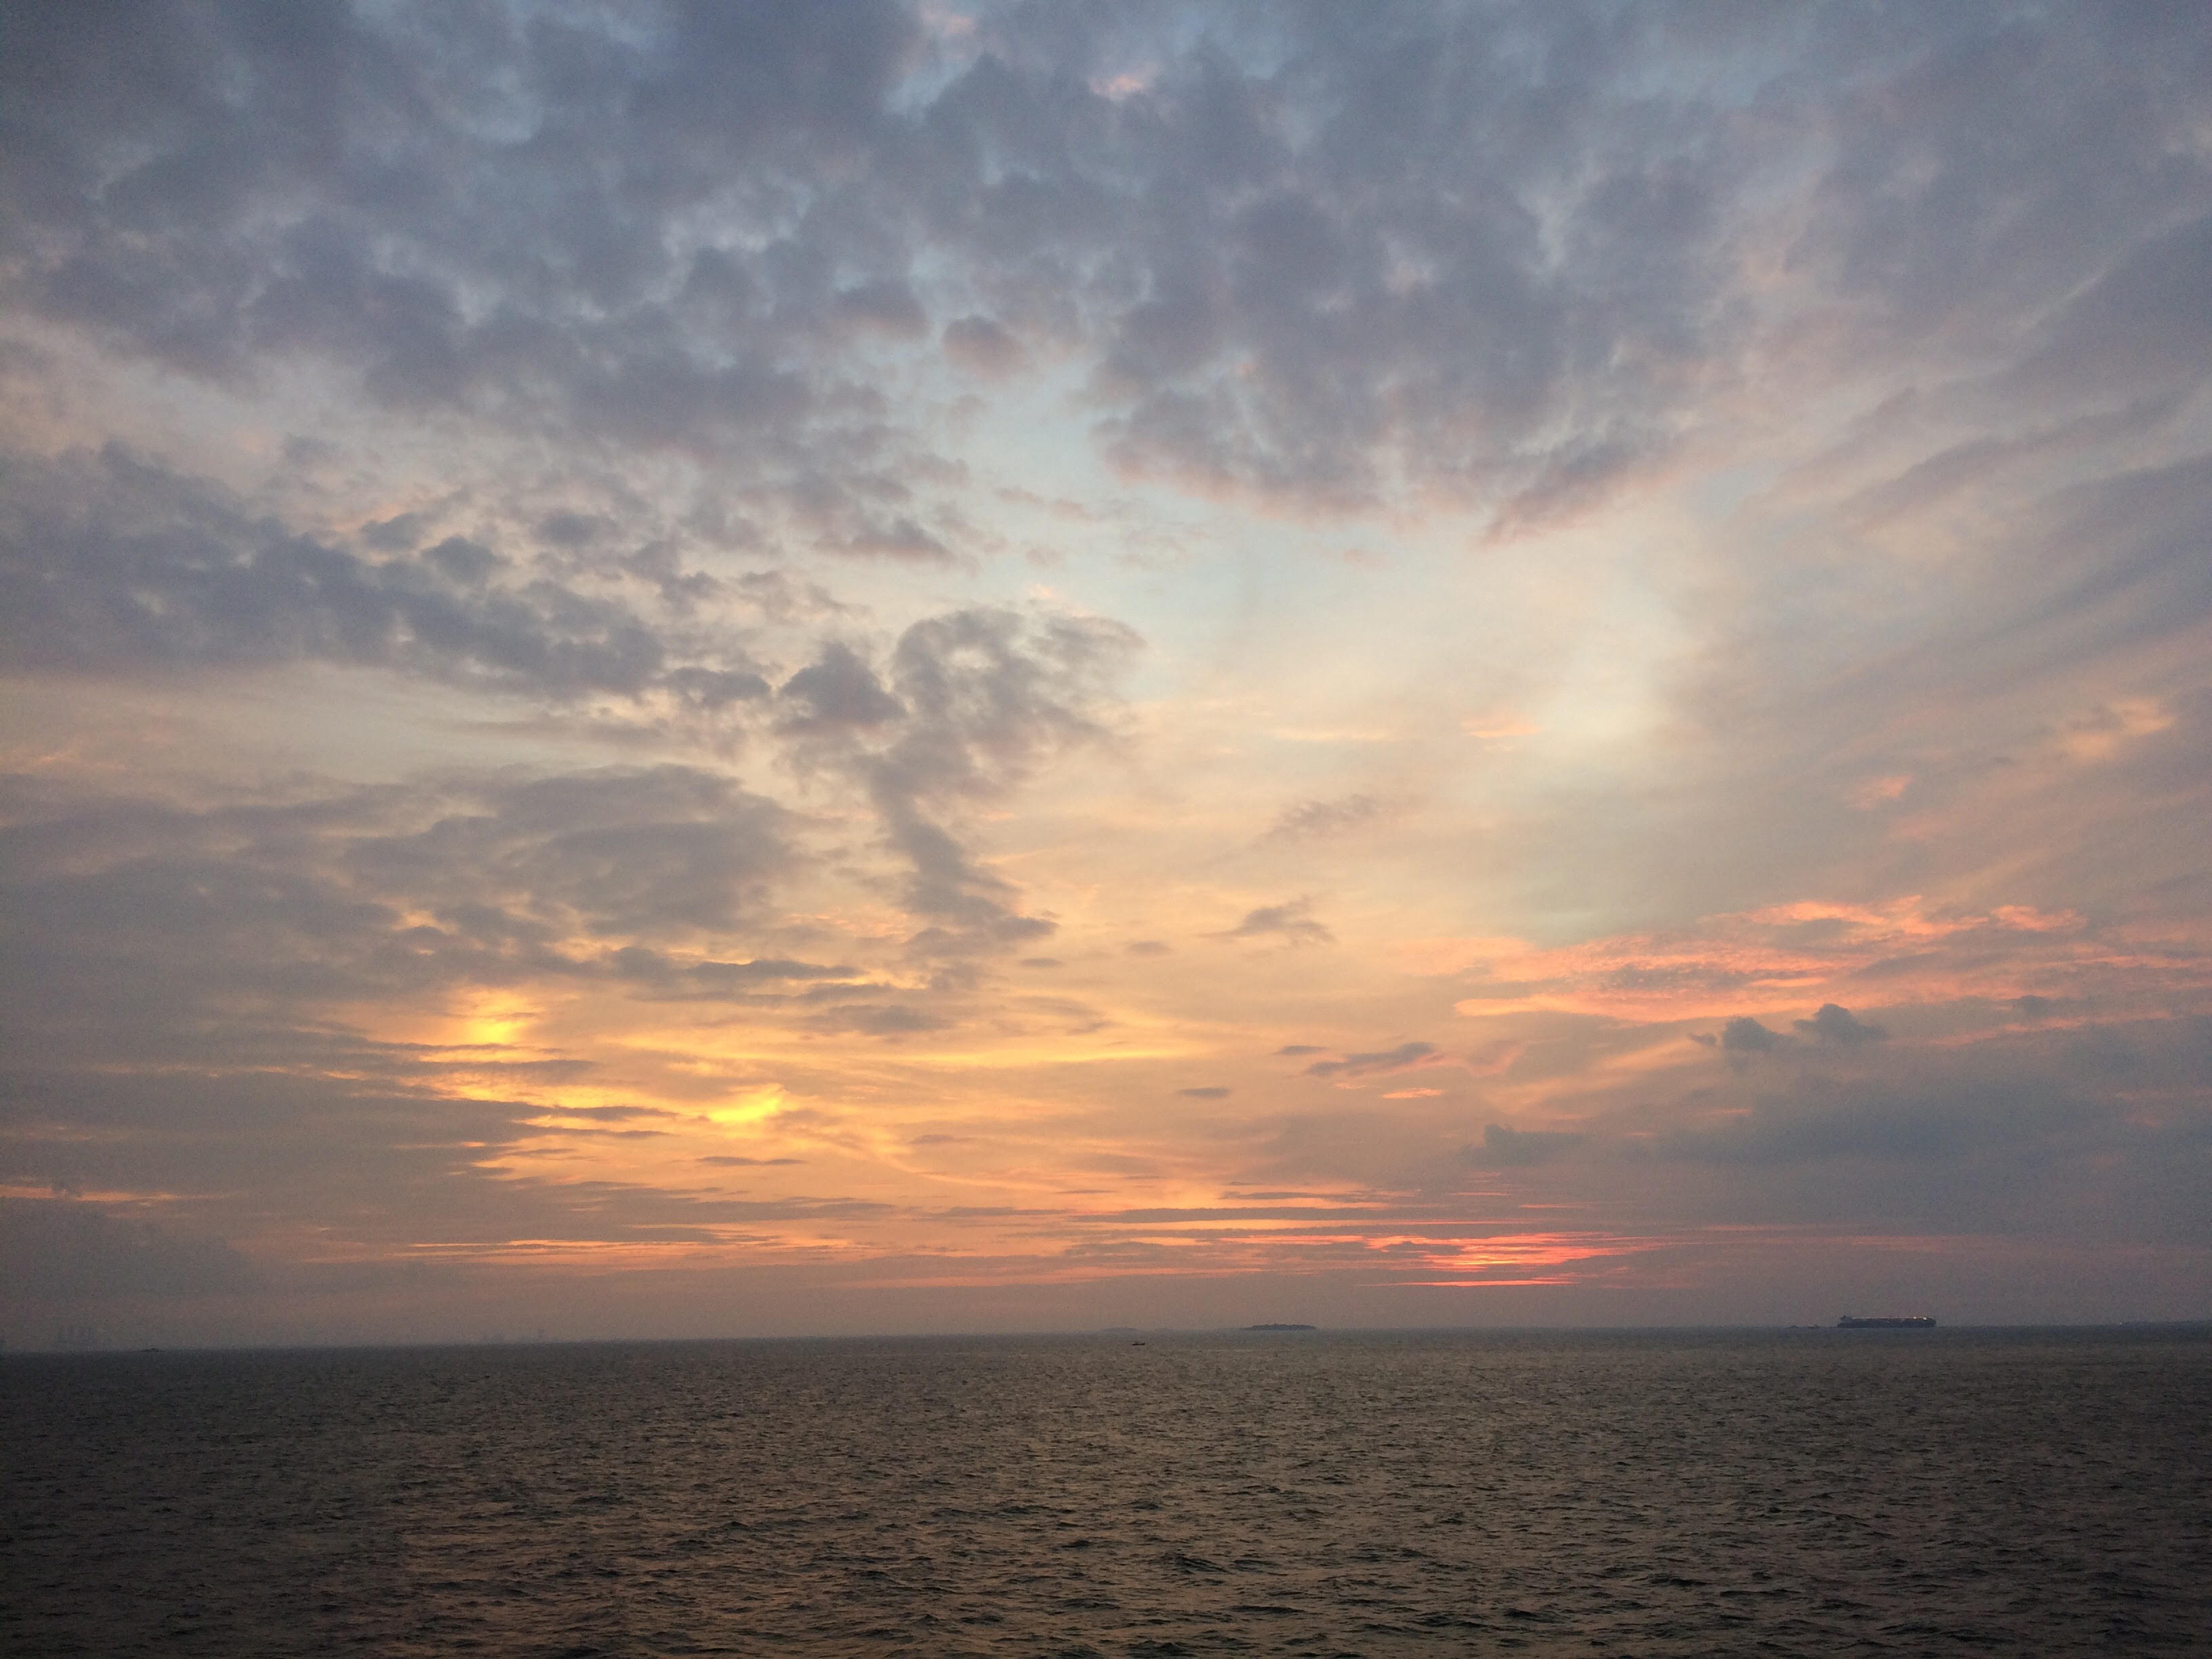 Pengunjung Pelni nikmati sunset terakhir 2016 di top deck KM Umsini